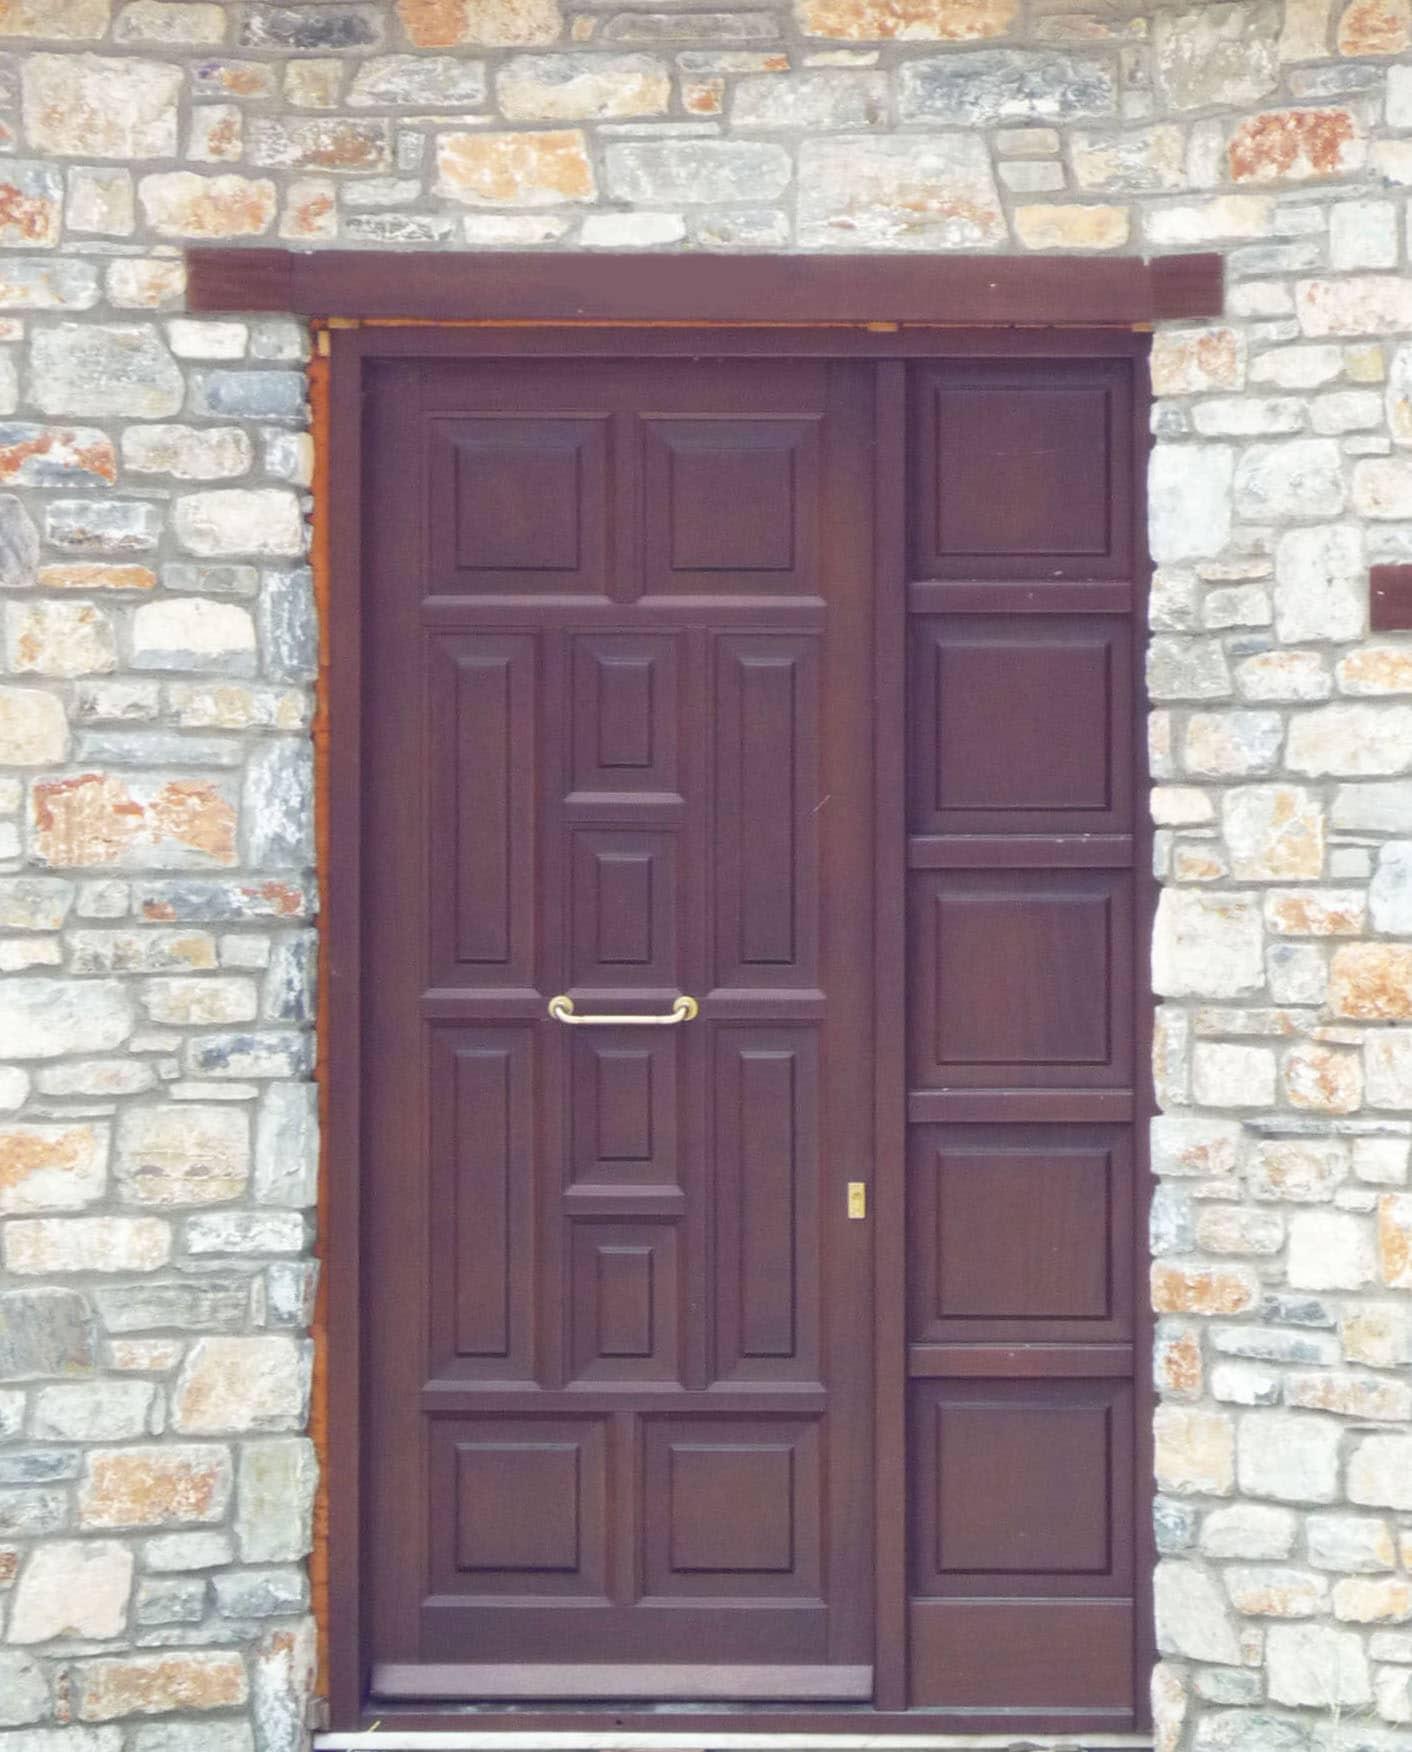 ξύλινη εξώπορτα με σταθερό φύλλο